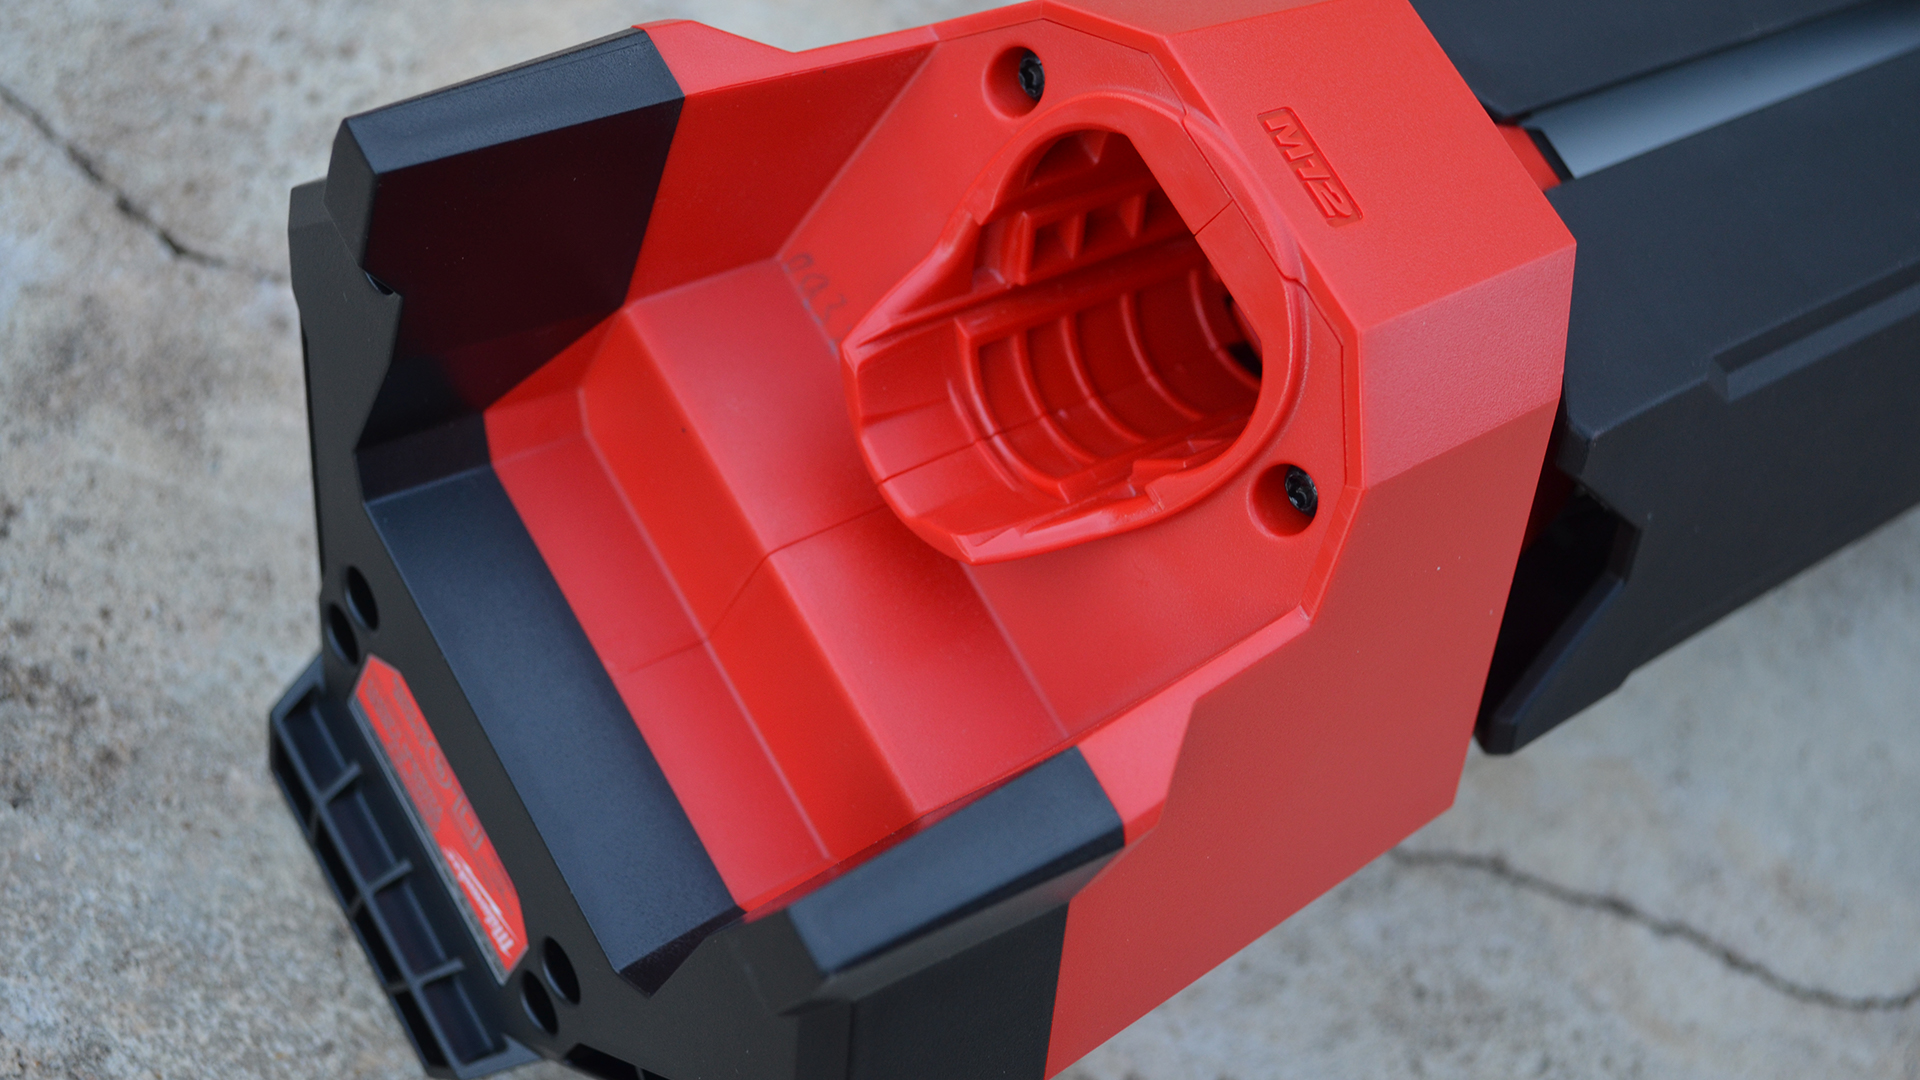 milwaukee-m12-rocket-jobsite-LED-work-light-battery-port